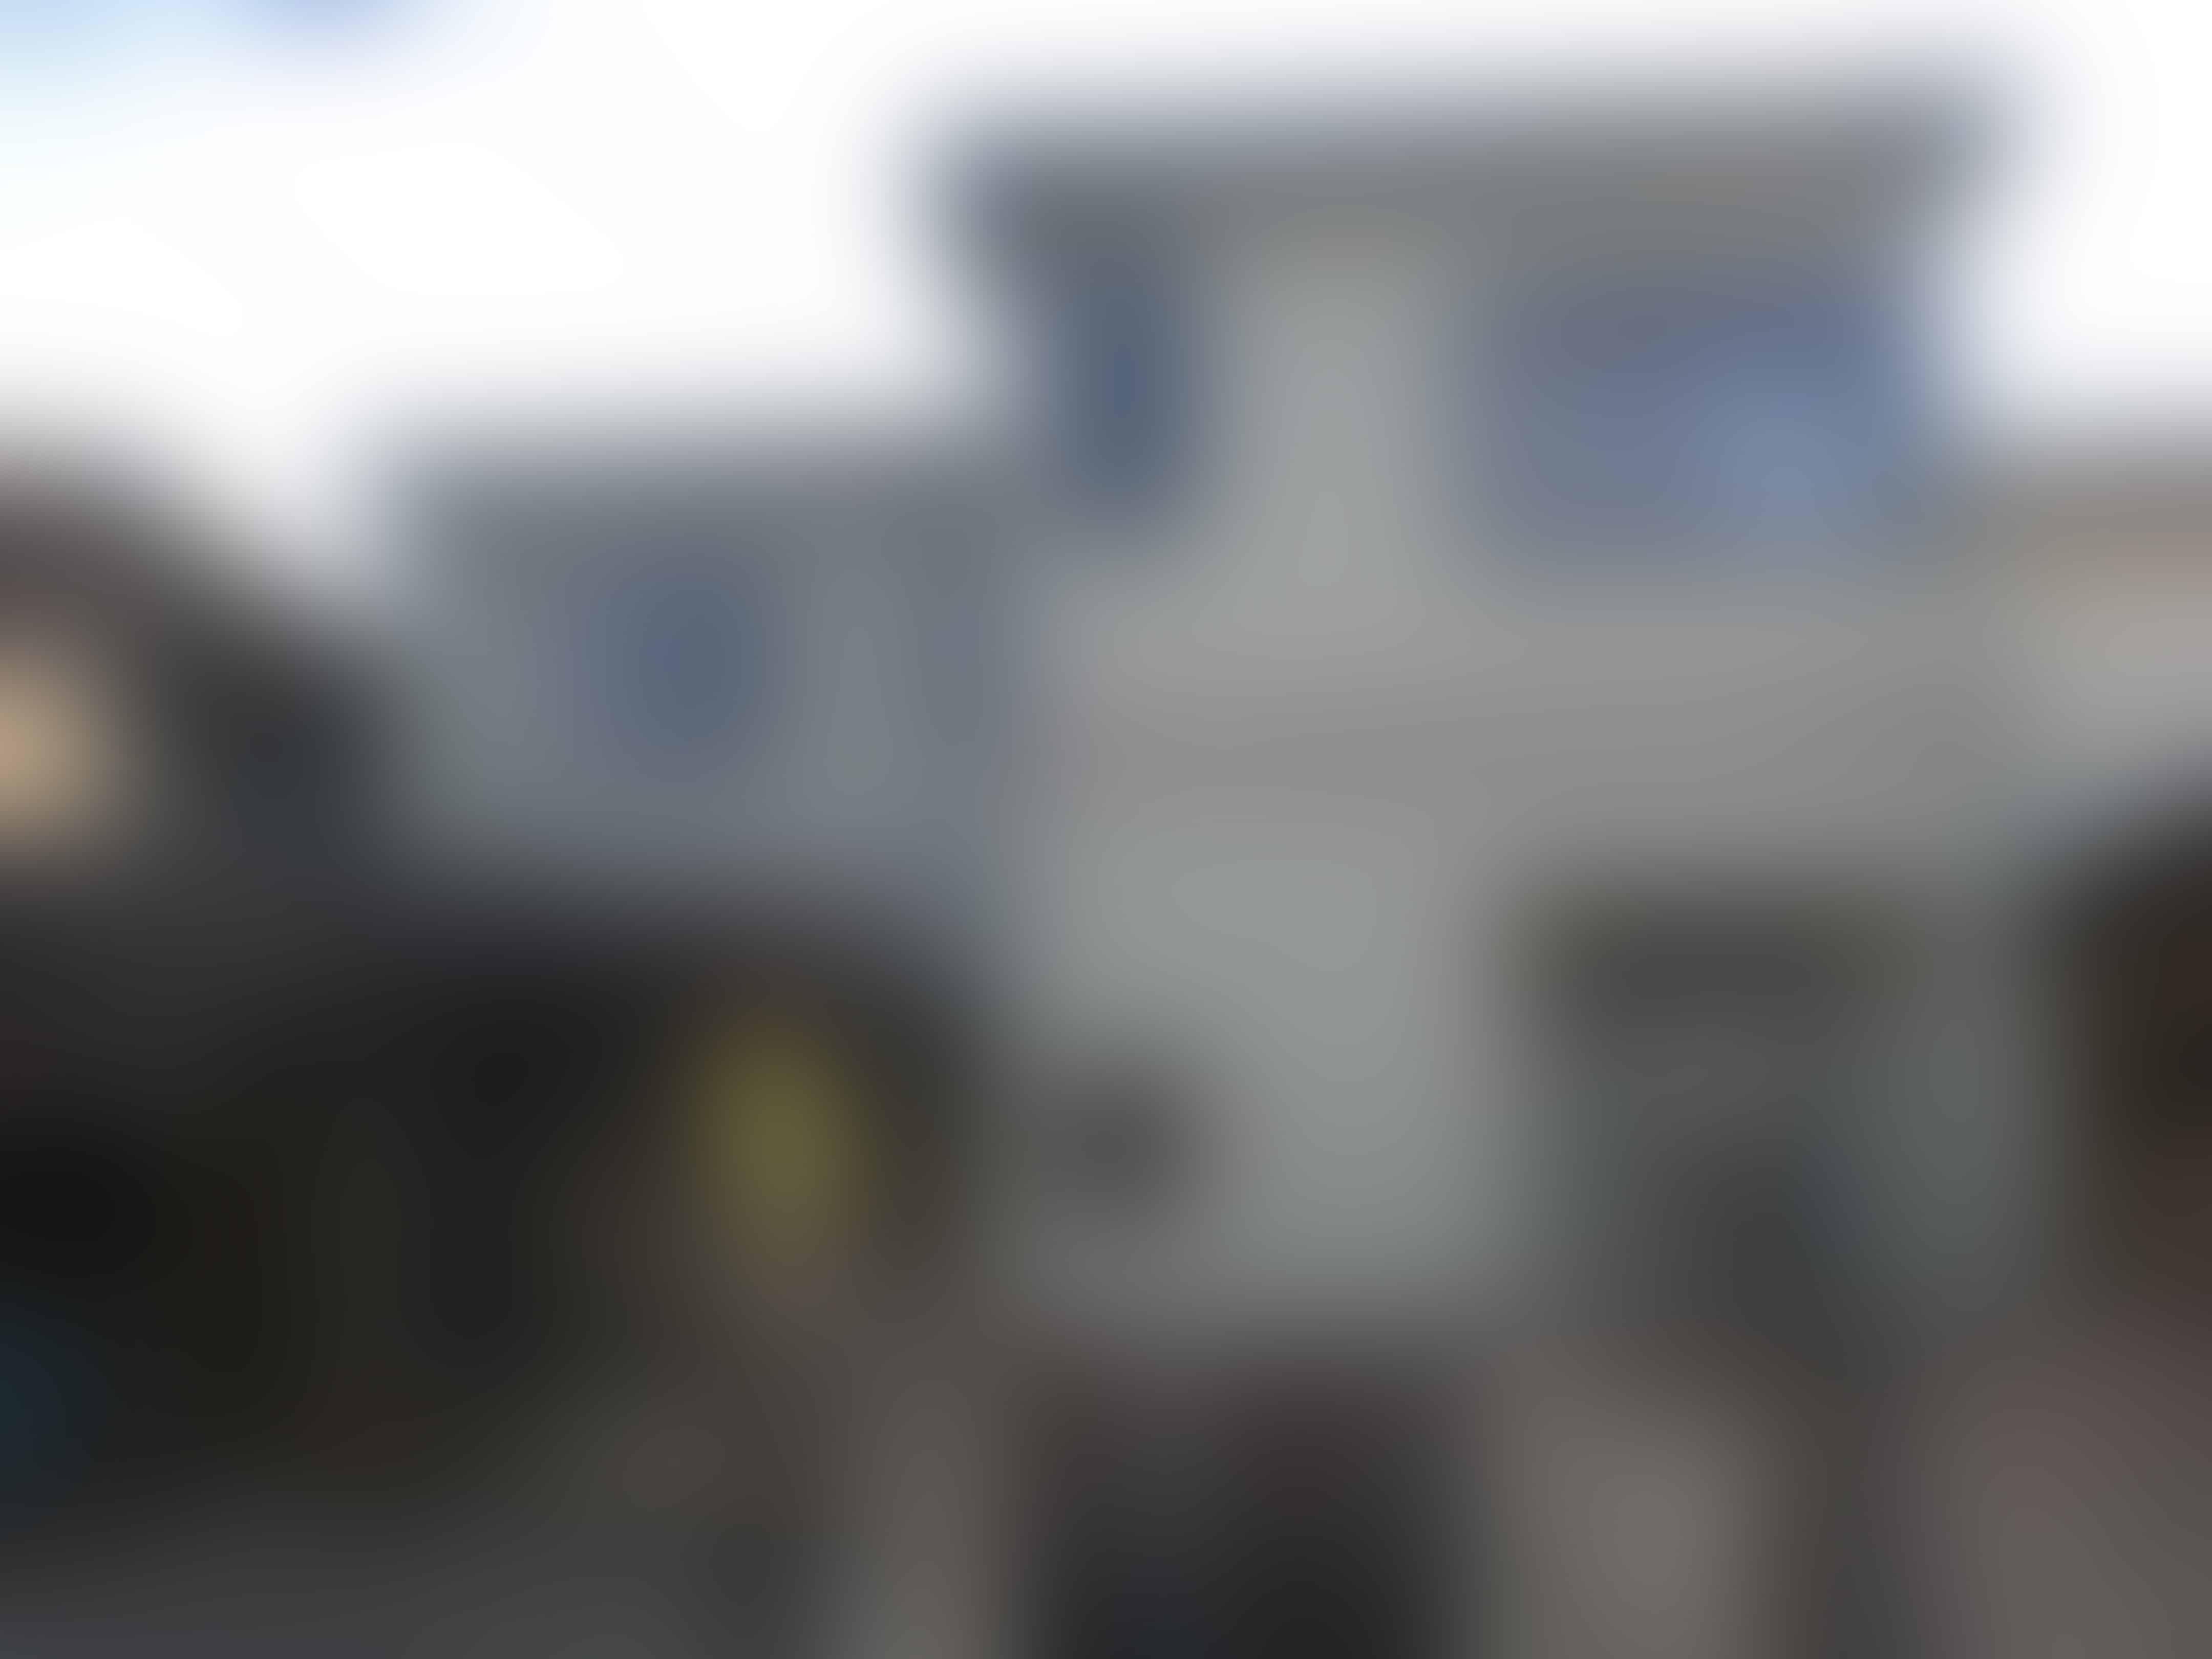 名古屋市タクシー運転手の事例